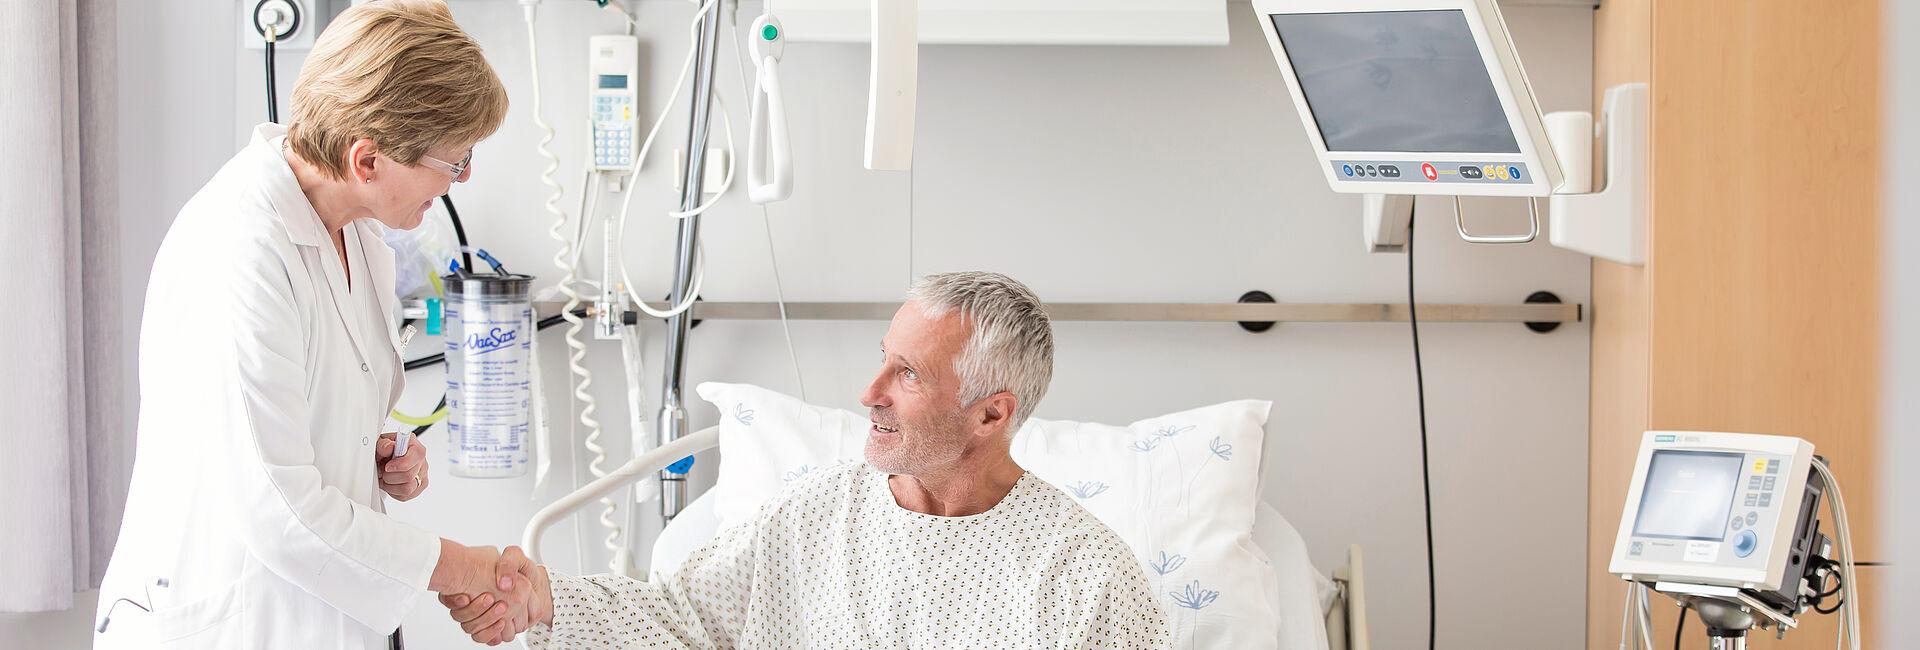 Klinik wartezeit chiemgau Wartezeit